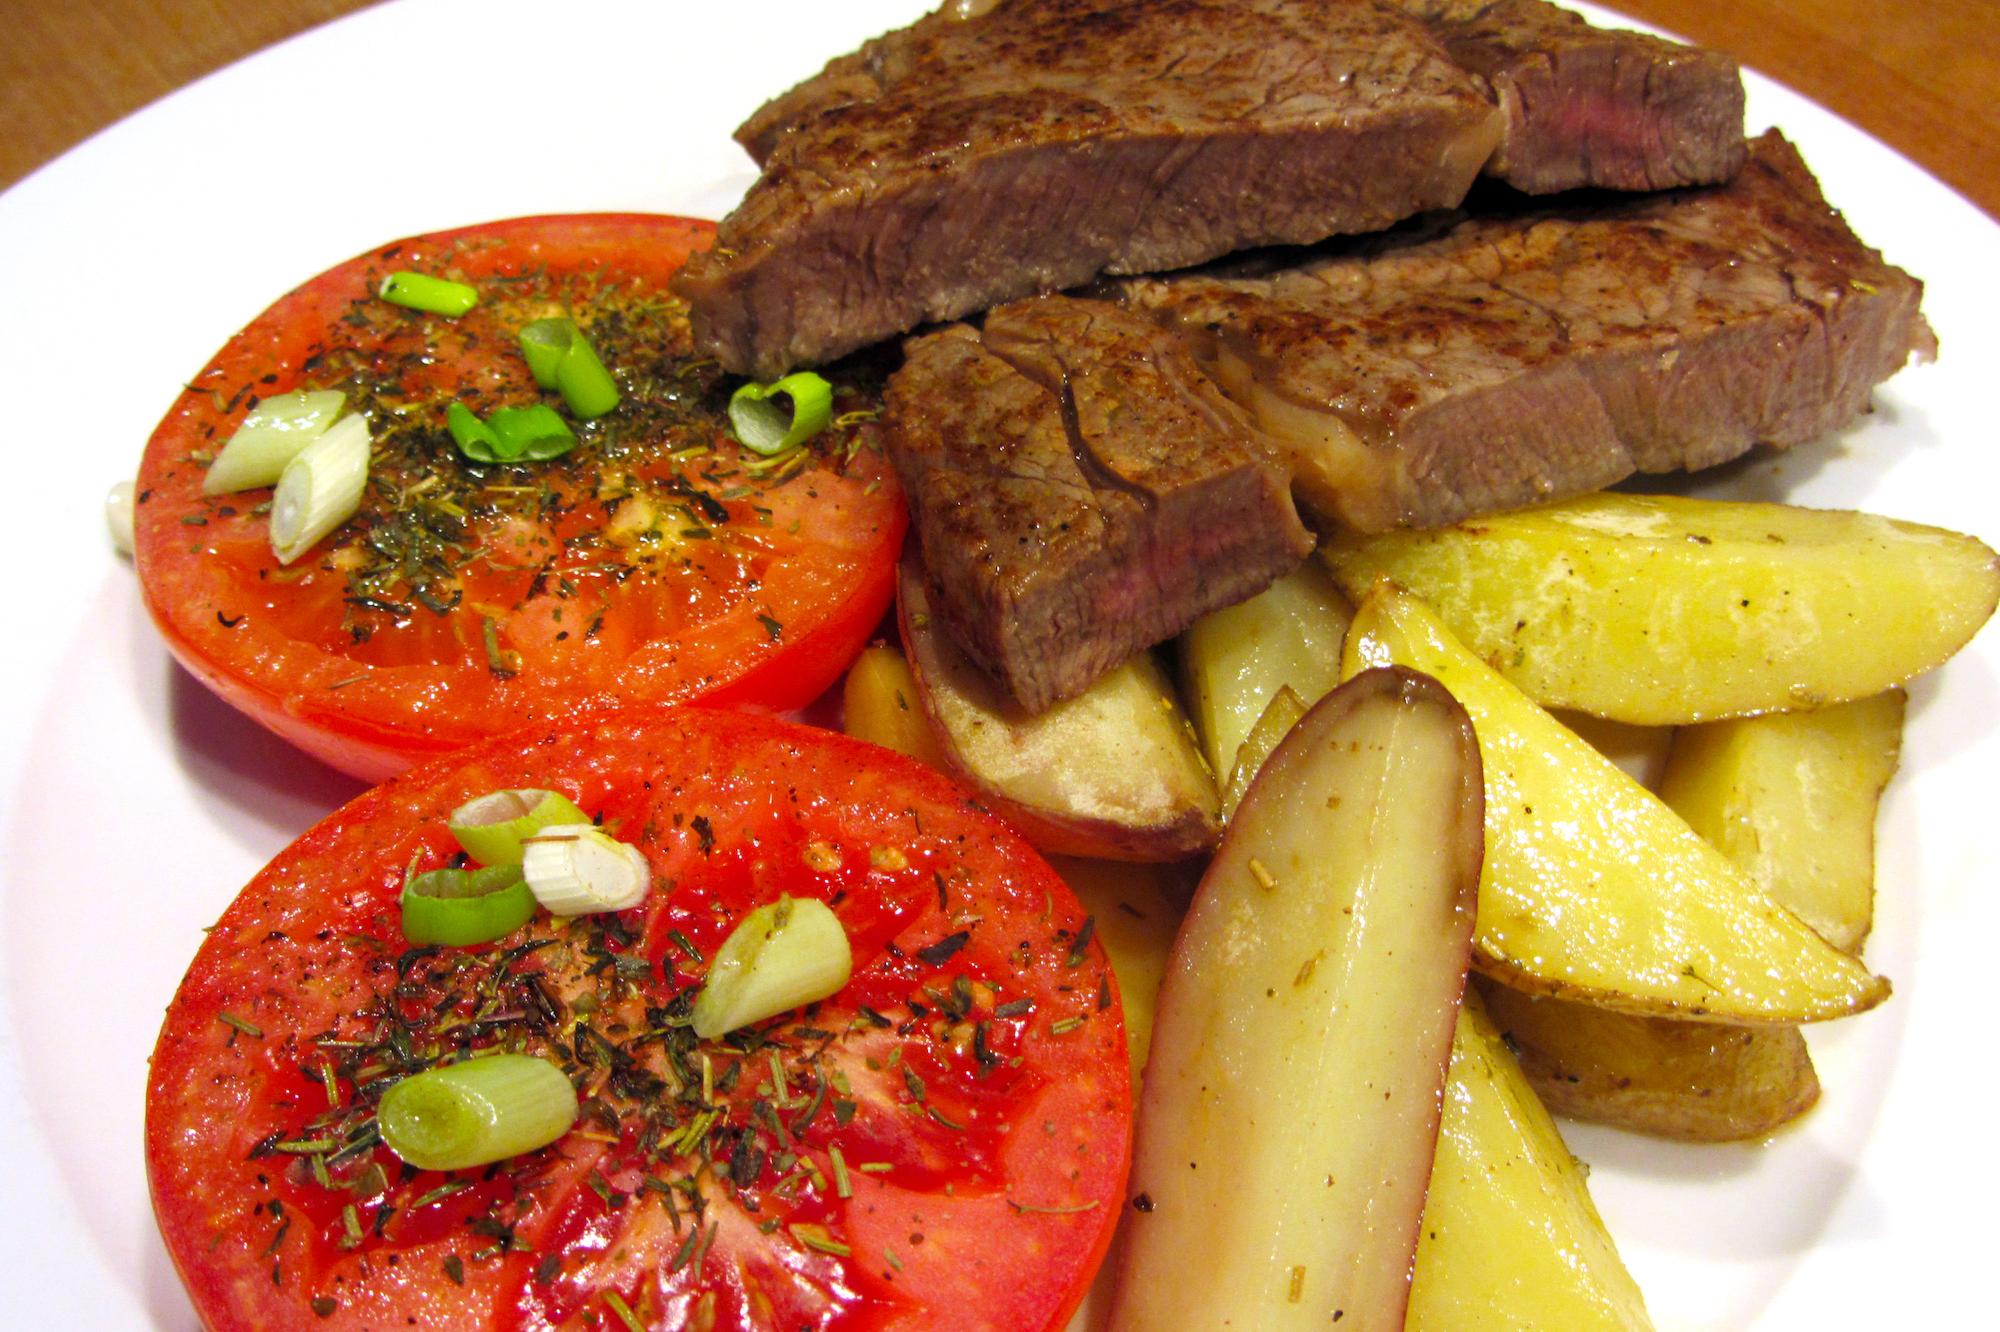 Entrecôte met ovengebakken tomaten en aardappelen